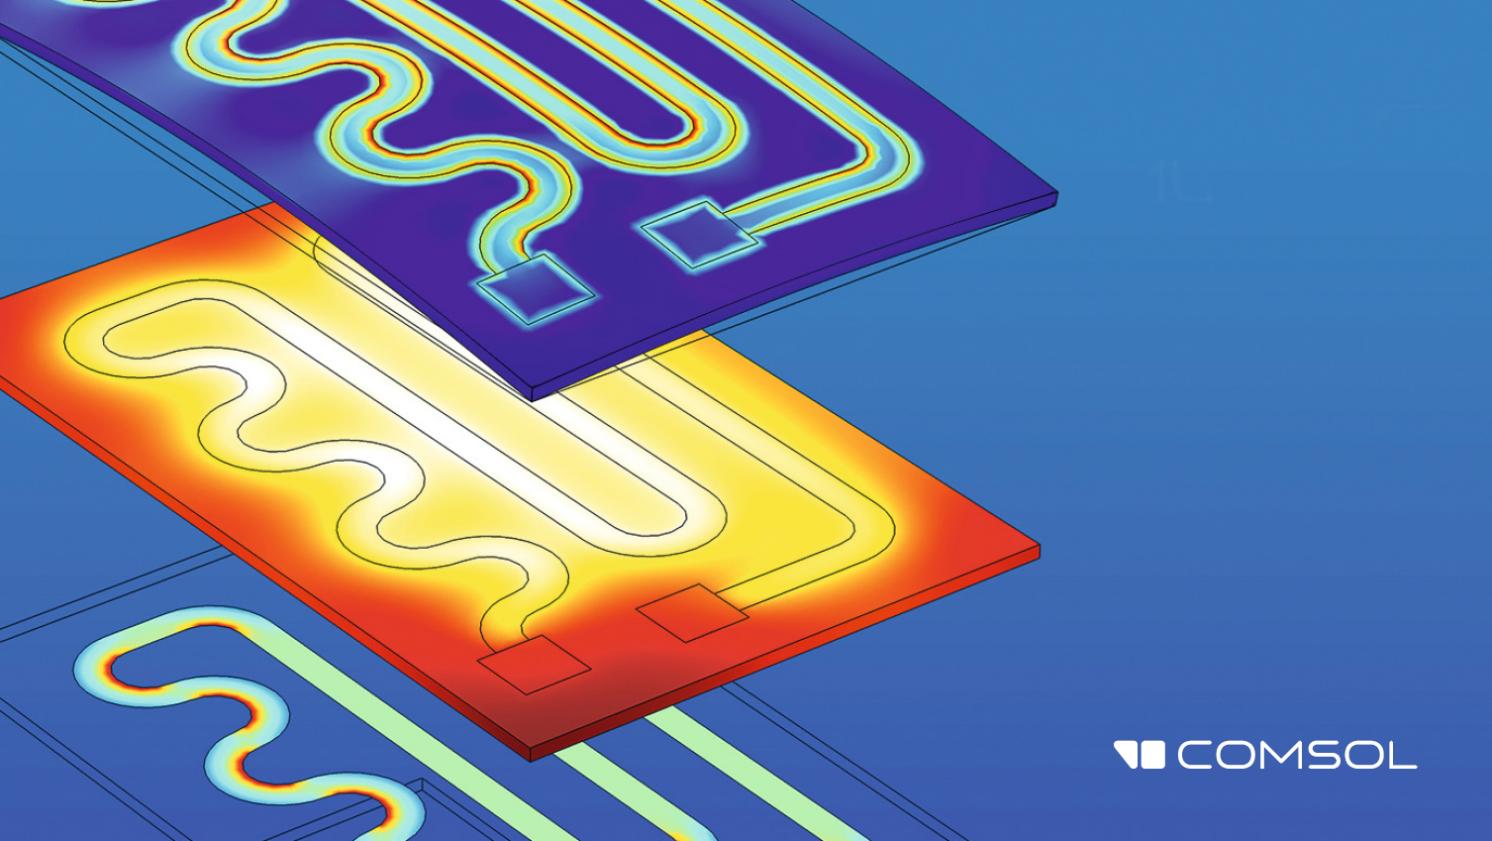 Моделирование в COMSOL Multiphysics условий армирования углепластиком изделий для ЖКХ. 3/2020. Фото 1